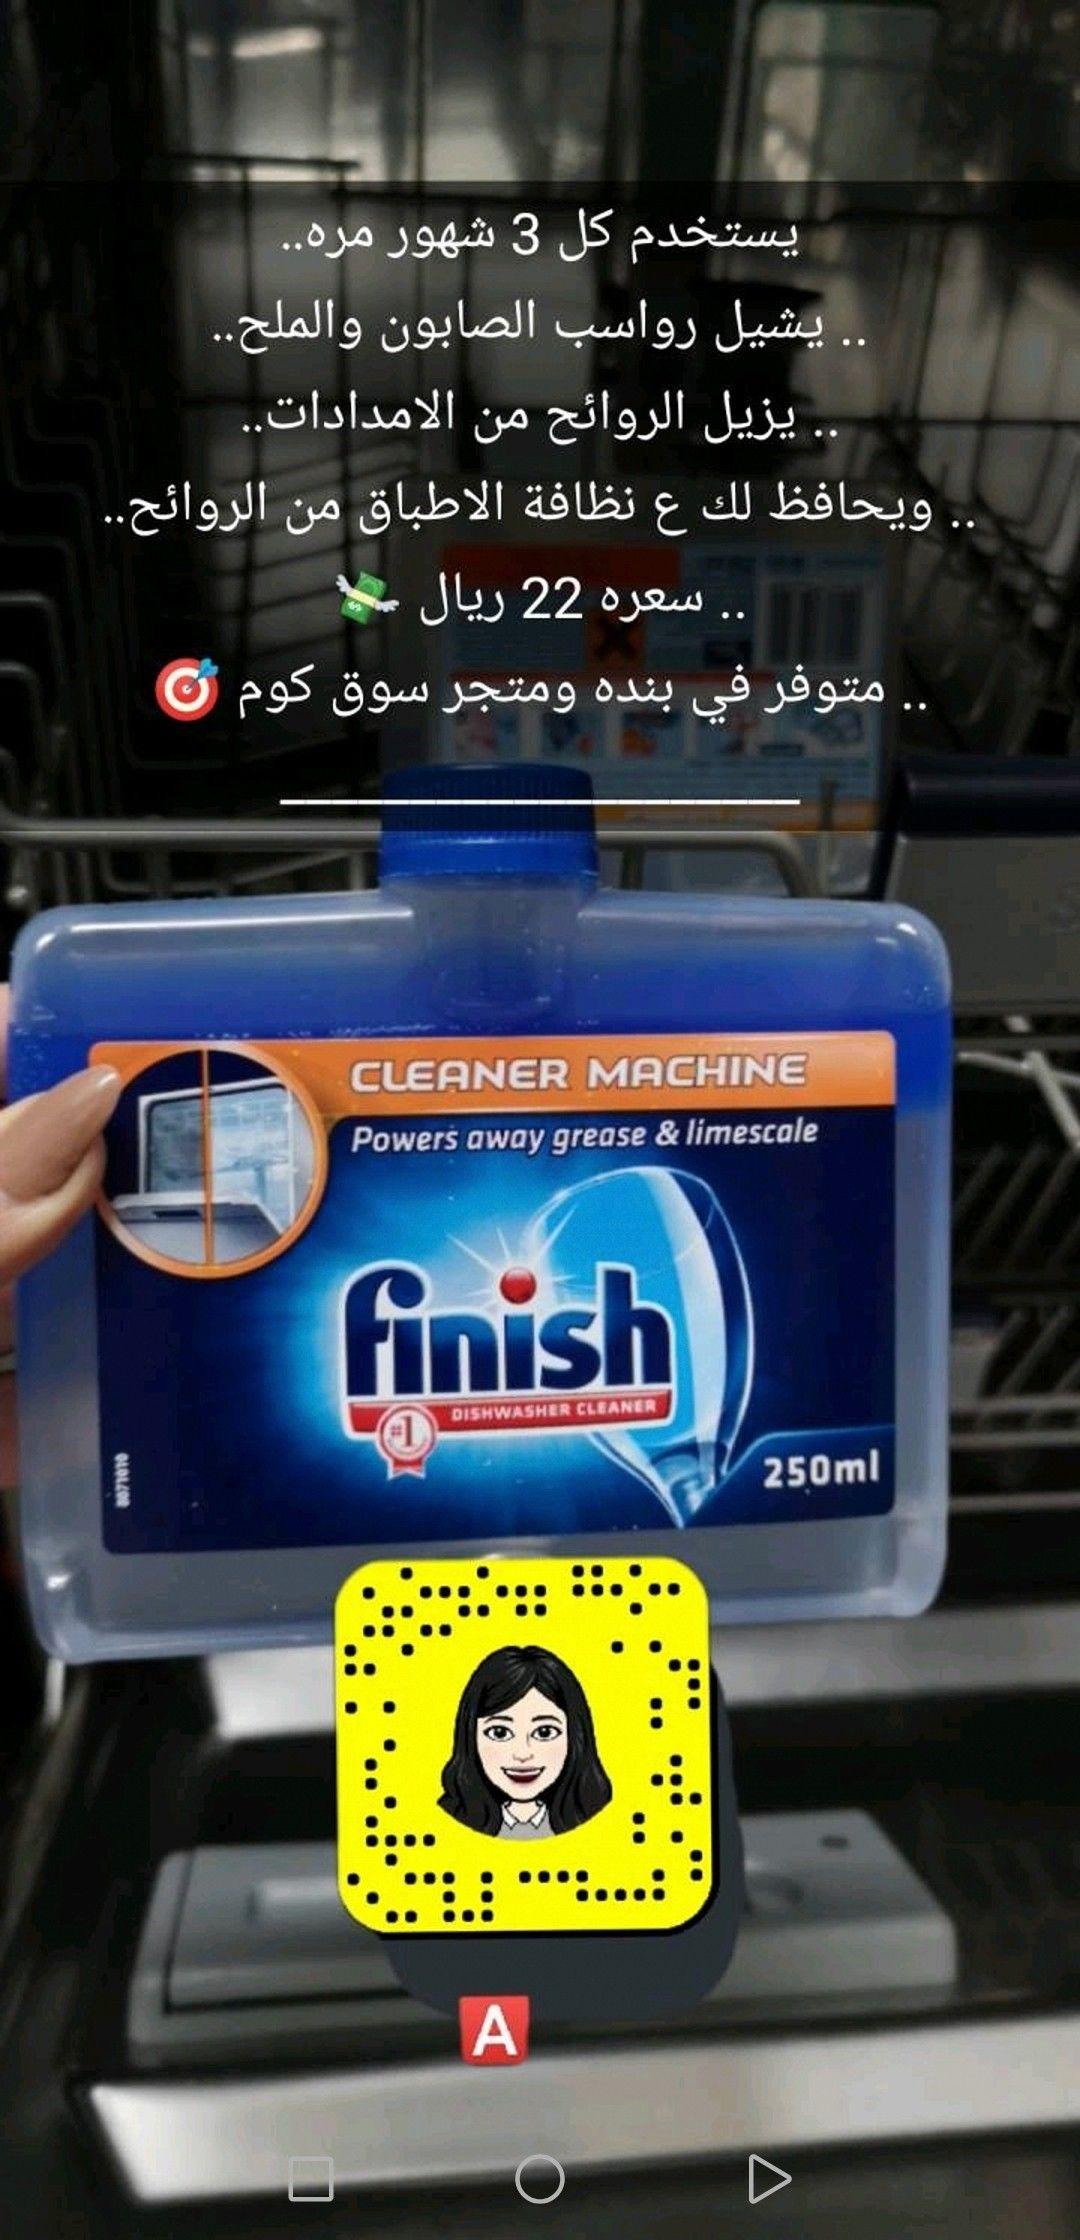 تنظيف الغساله نظافه تعقيم منتج جديد Cleaning The Washer Dishwasher Cleaners Bella Beauty